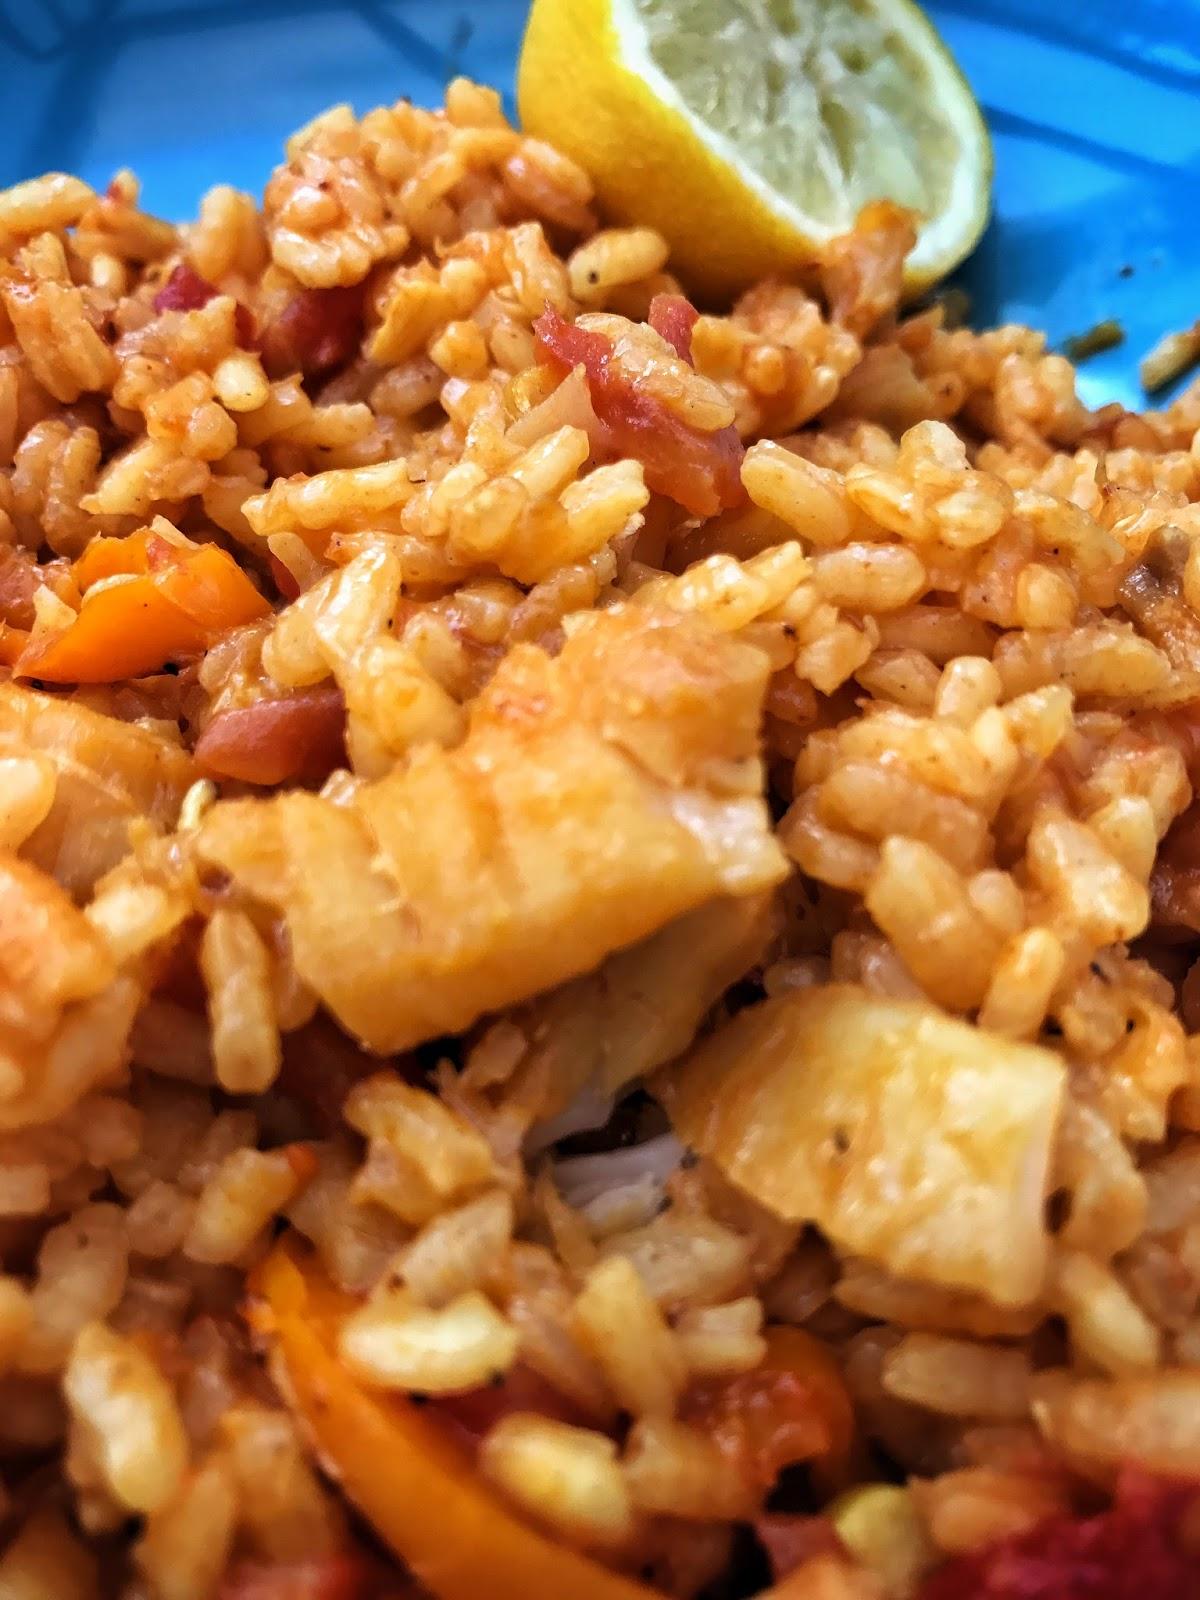 Arroz con bacalao recetas de cocina - Arroz con bacalao desmigado ...